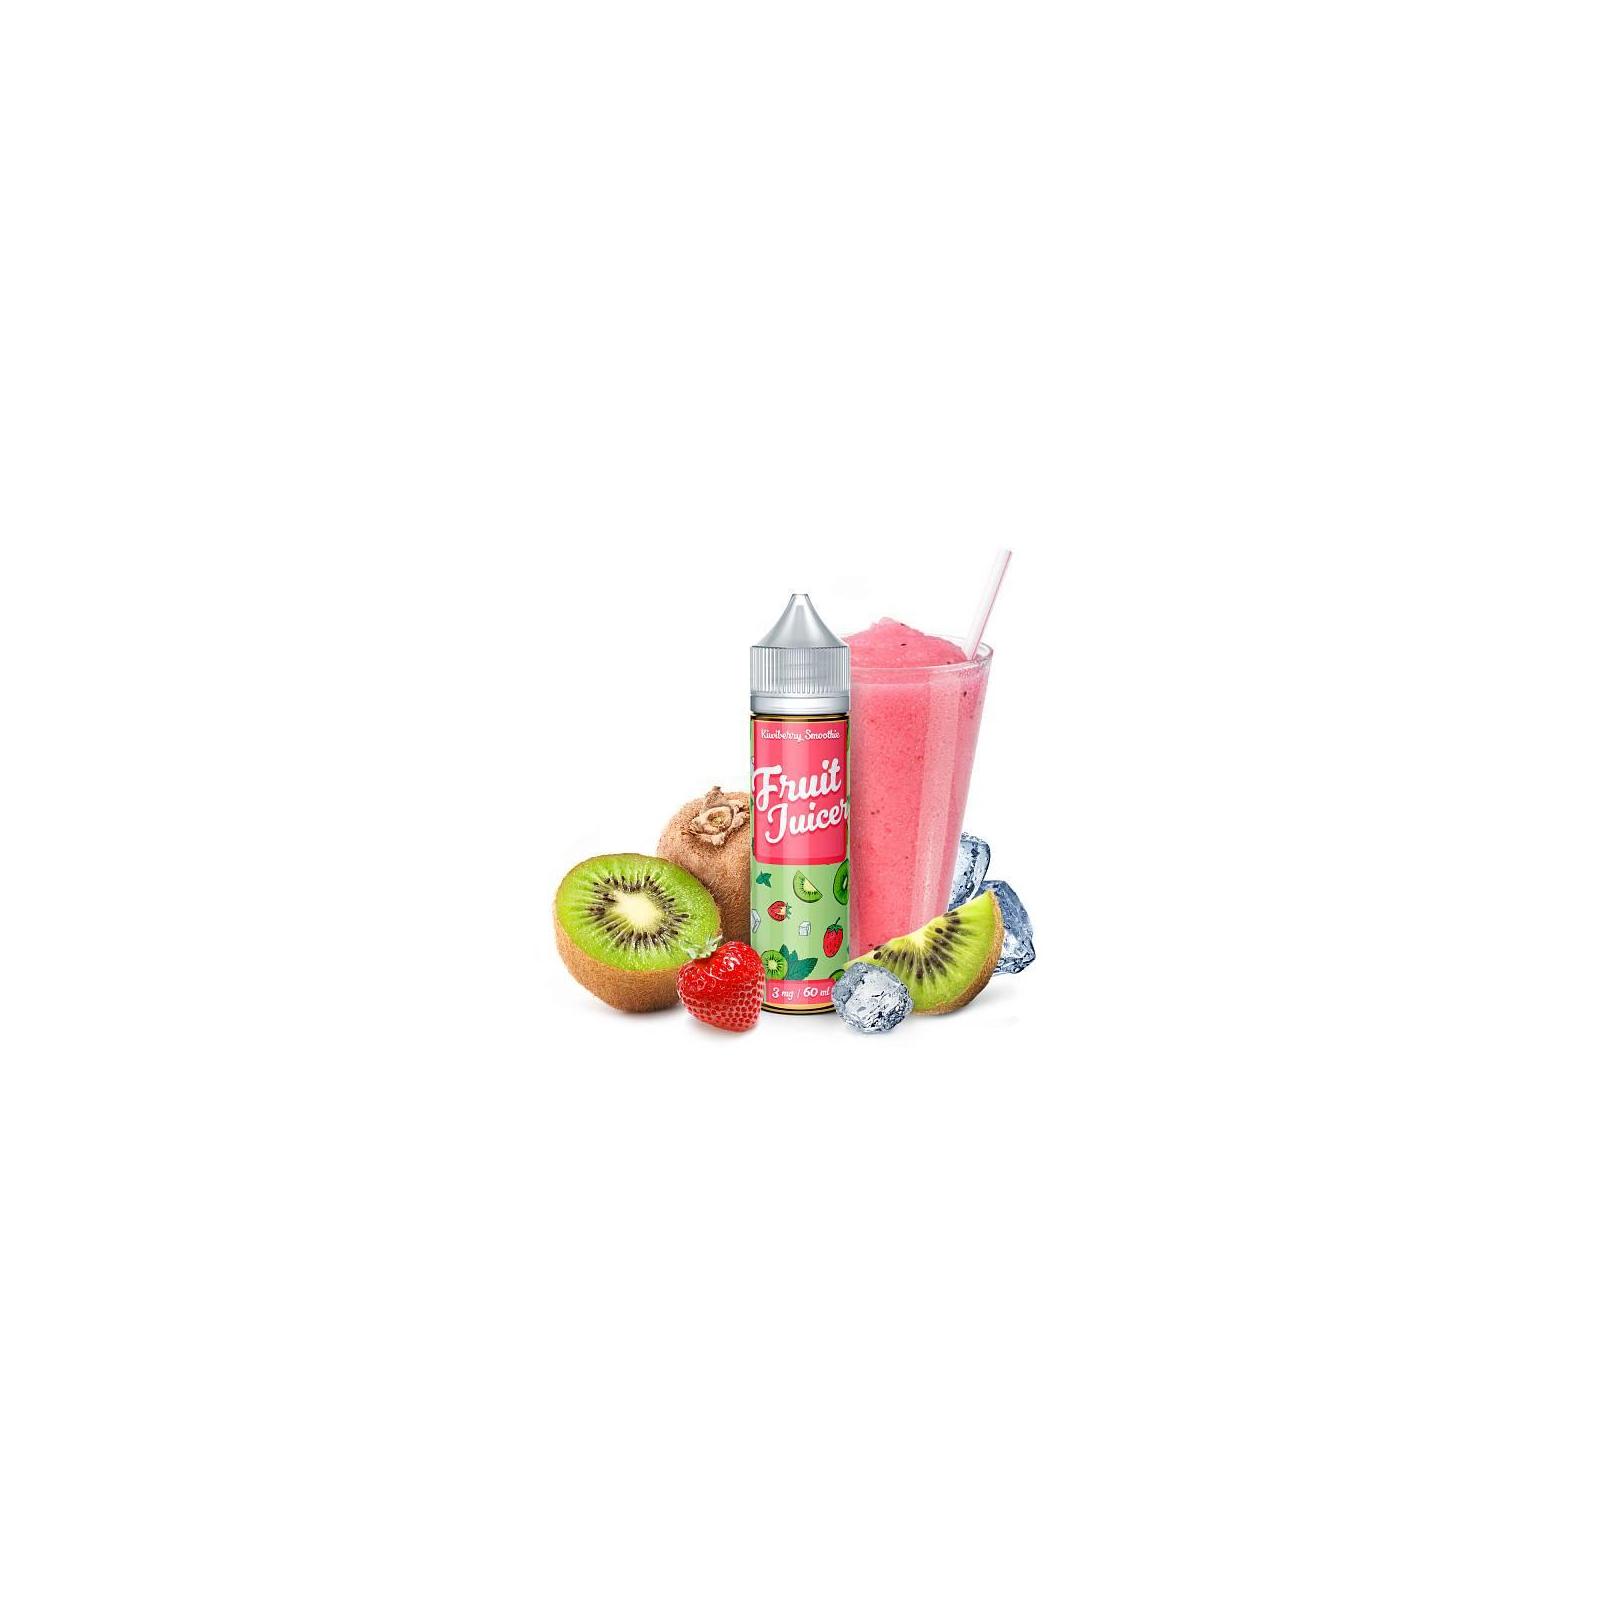 """Жидкость для электронных сигарет Fruit Juicer """"Kiwiberry Smoothie"""" 60 ml 3 mg/ml (FJ-KB-3)"""